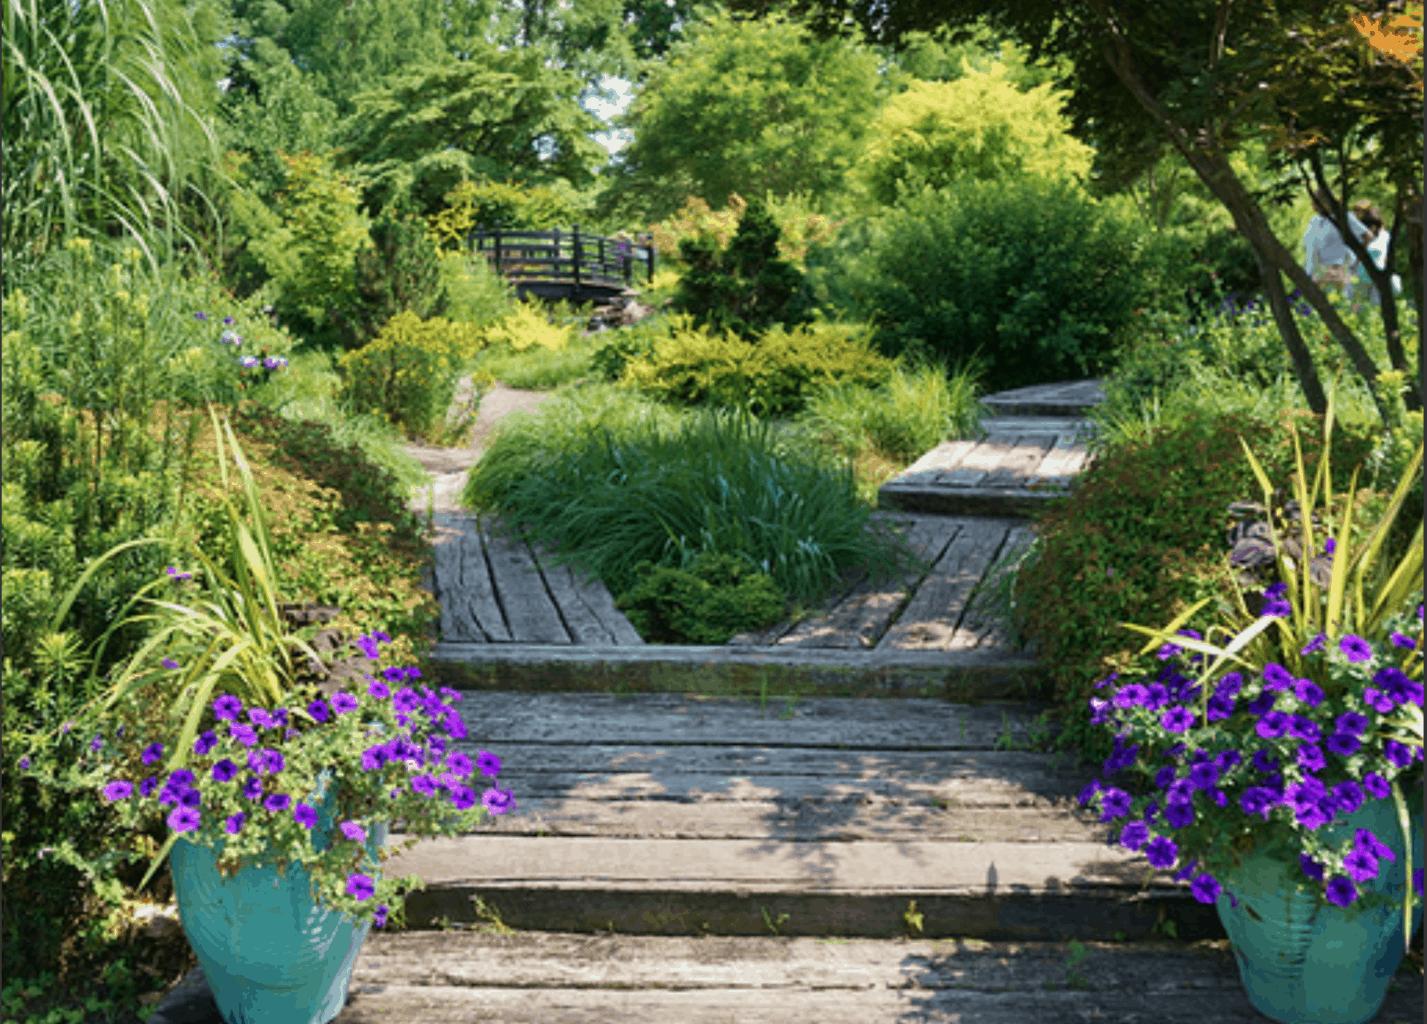 Paxson Hill Farm and Gardens